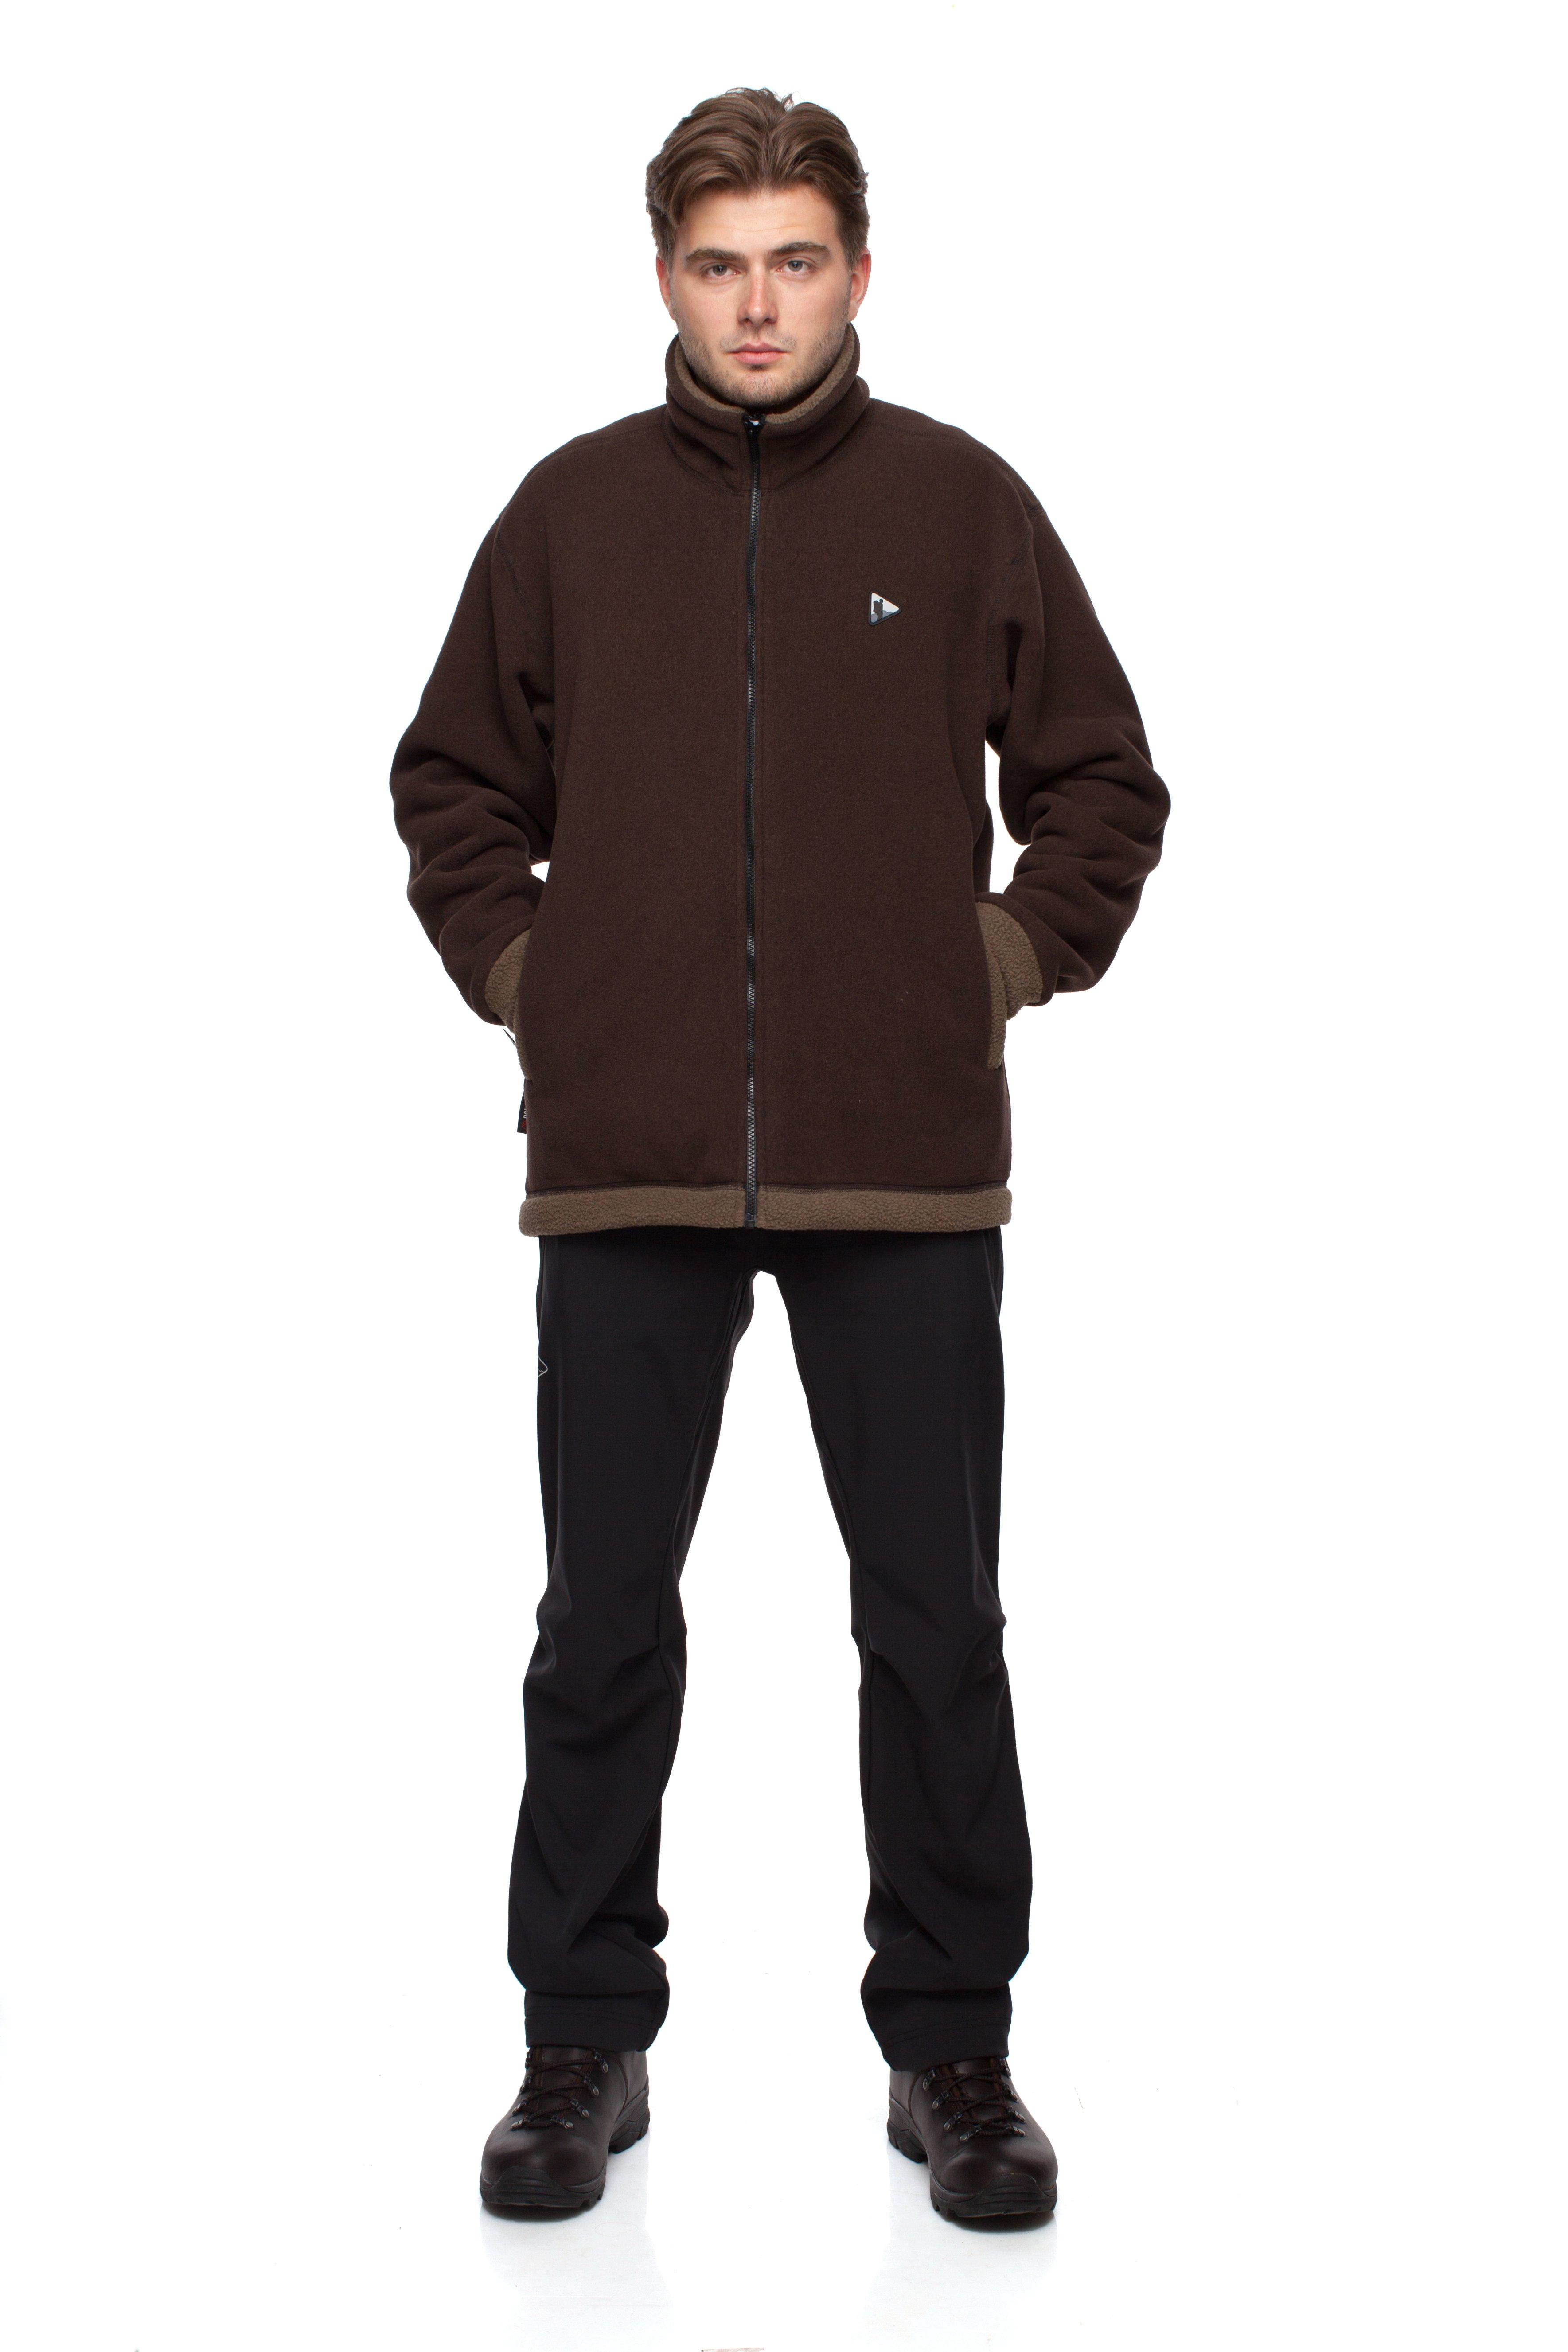 Куртка BASK GUDZON 655Куртка из ткани Polartec® Classic® - 375, самой теплой в серии Polartec®. Повышенная относительно ткани Polartec® 200 ветроустойчивость, ворсистая внутренняя поверхность сохраняет тепло. Для достижения максимального комфорта применена технология плоские швы.<br><br>Боковые карманы: 2<br>Вес граммы: 810<br>Ветрозащитная планка: Да<br>Внутренние карманы: 2<br>Материал: Polartec® Classic® 375<br>Материал усиления: нет<br>Пол: Муж.<br>Регулировка вентиляции: Нет<br>Регулировка низа: Да<br>Регулируемые вентиляционные отверстия: Нет<br>Тип молнии: однозамковая<br>Усиление контактных зон: Нет<br>Размер INT: XXXL<br>Цвет: ЗЕЛЕНЫЙ